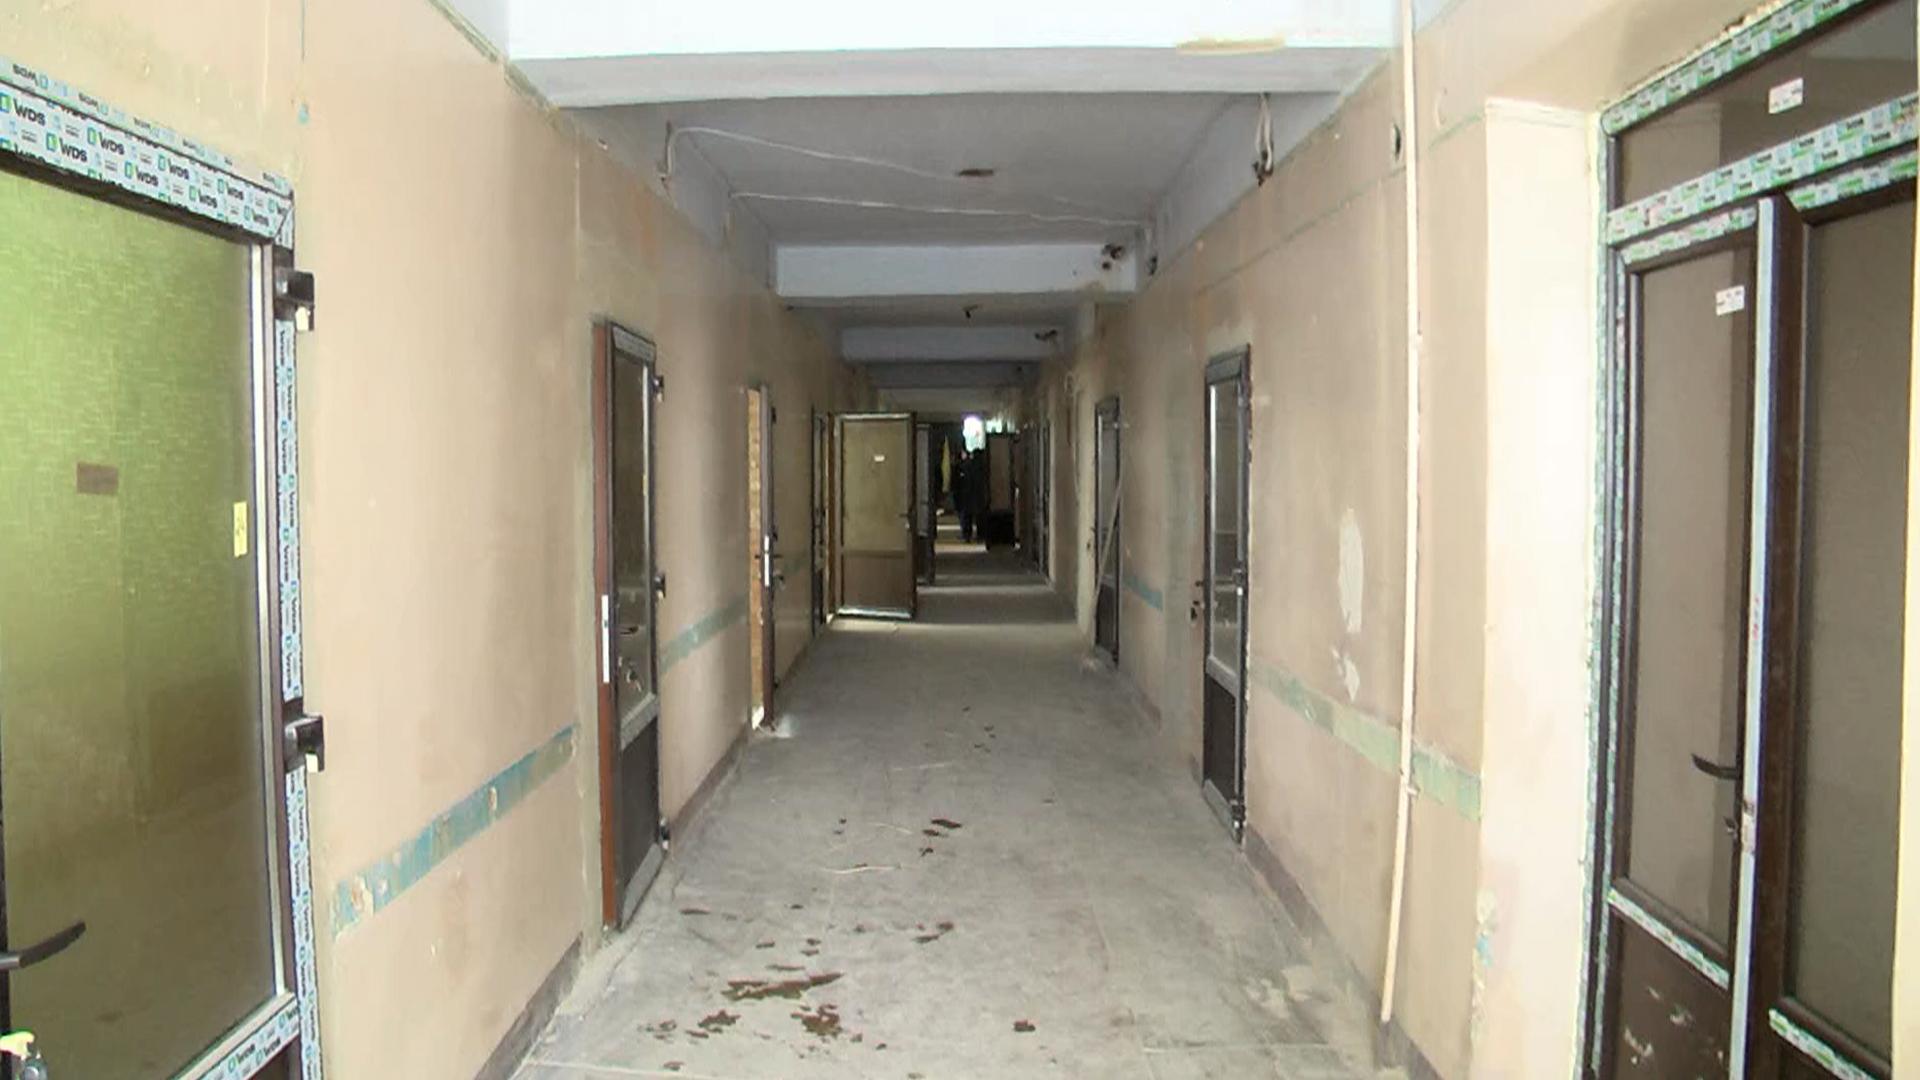 Триває ремонт приймального відділення Коломийської ЦРЛ (відеосюжет)